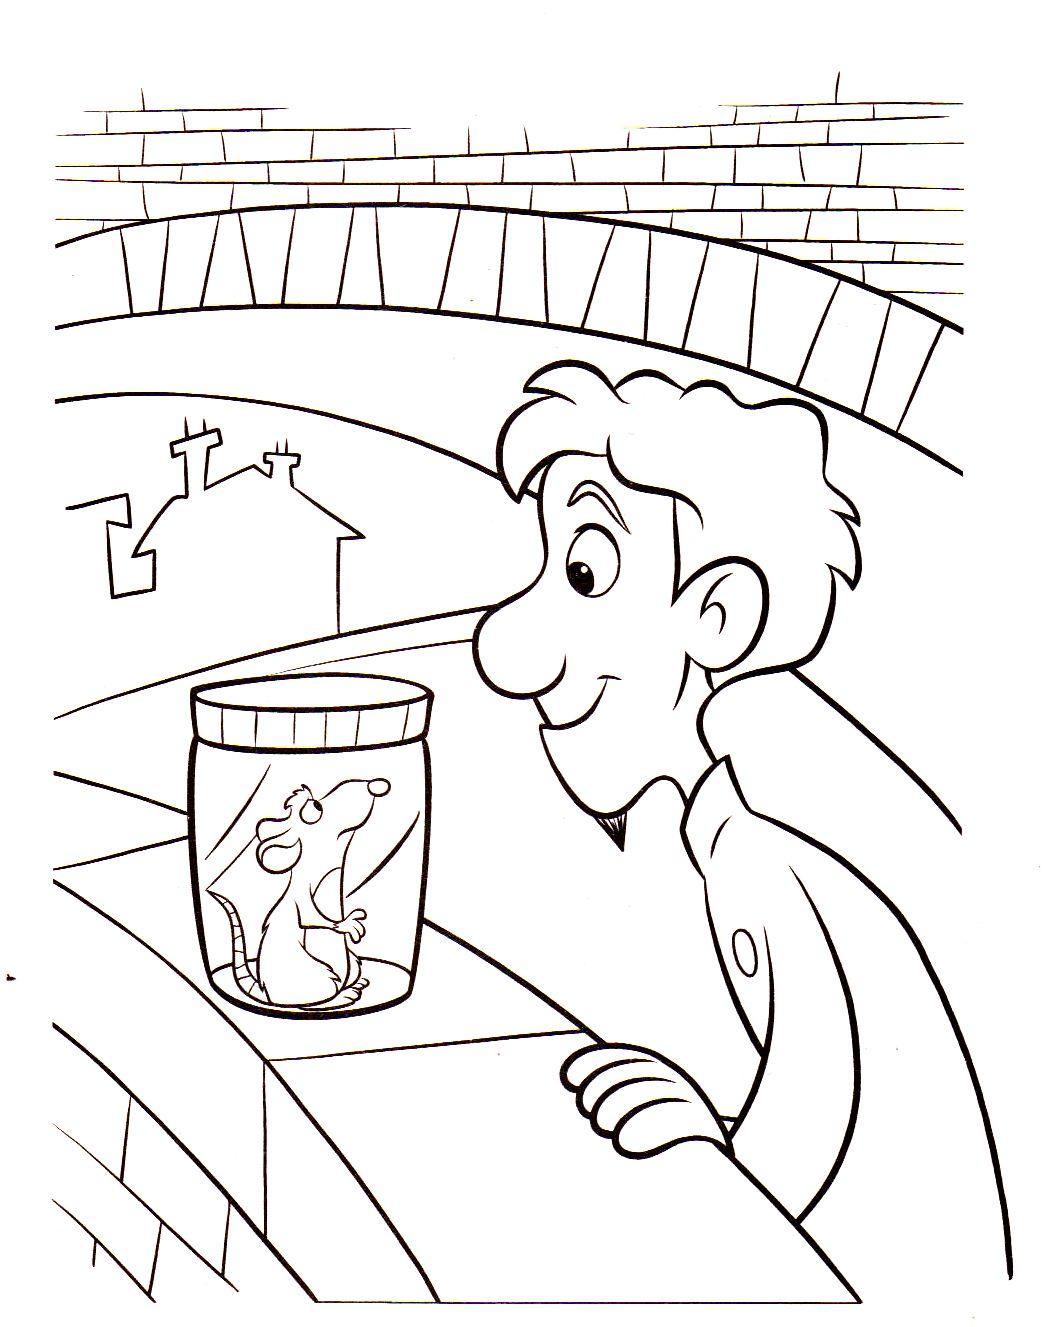 Coloriage a imprimer ratatouille linguini et remy dans le bocal gratuit et colorier - Dessin anime ratatouille gratuit ...